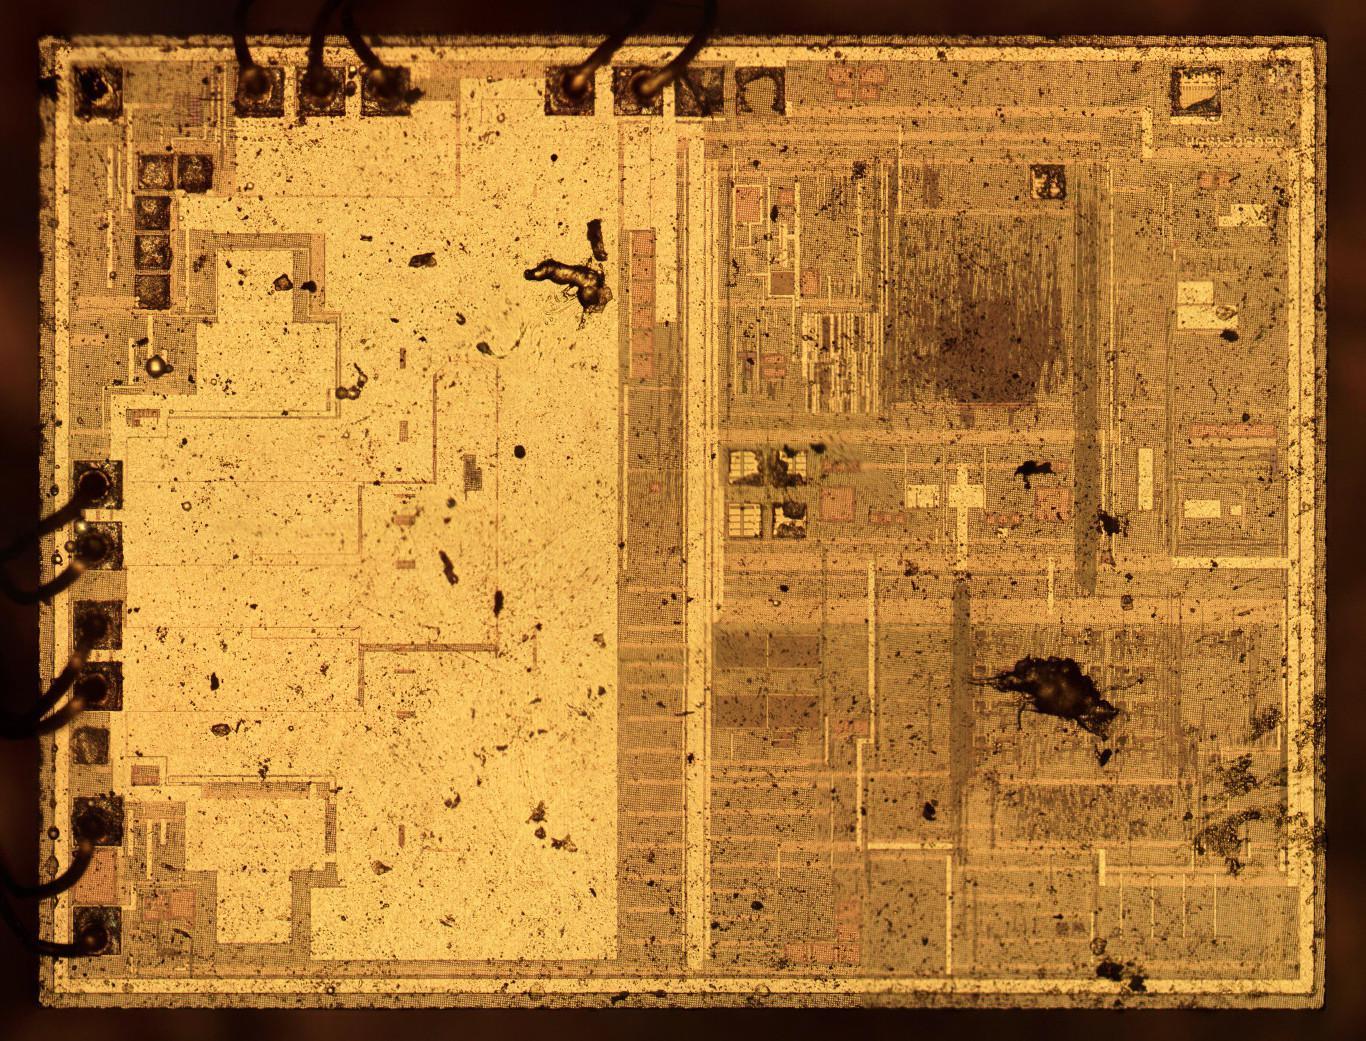 Вскрываем чип гальванической развязки с крохотным трансформатором внутри - 7